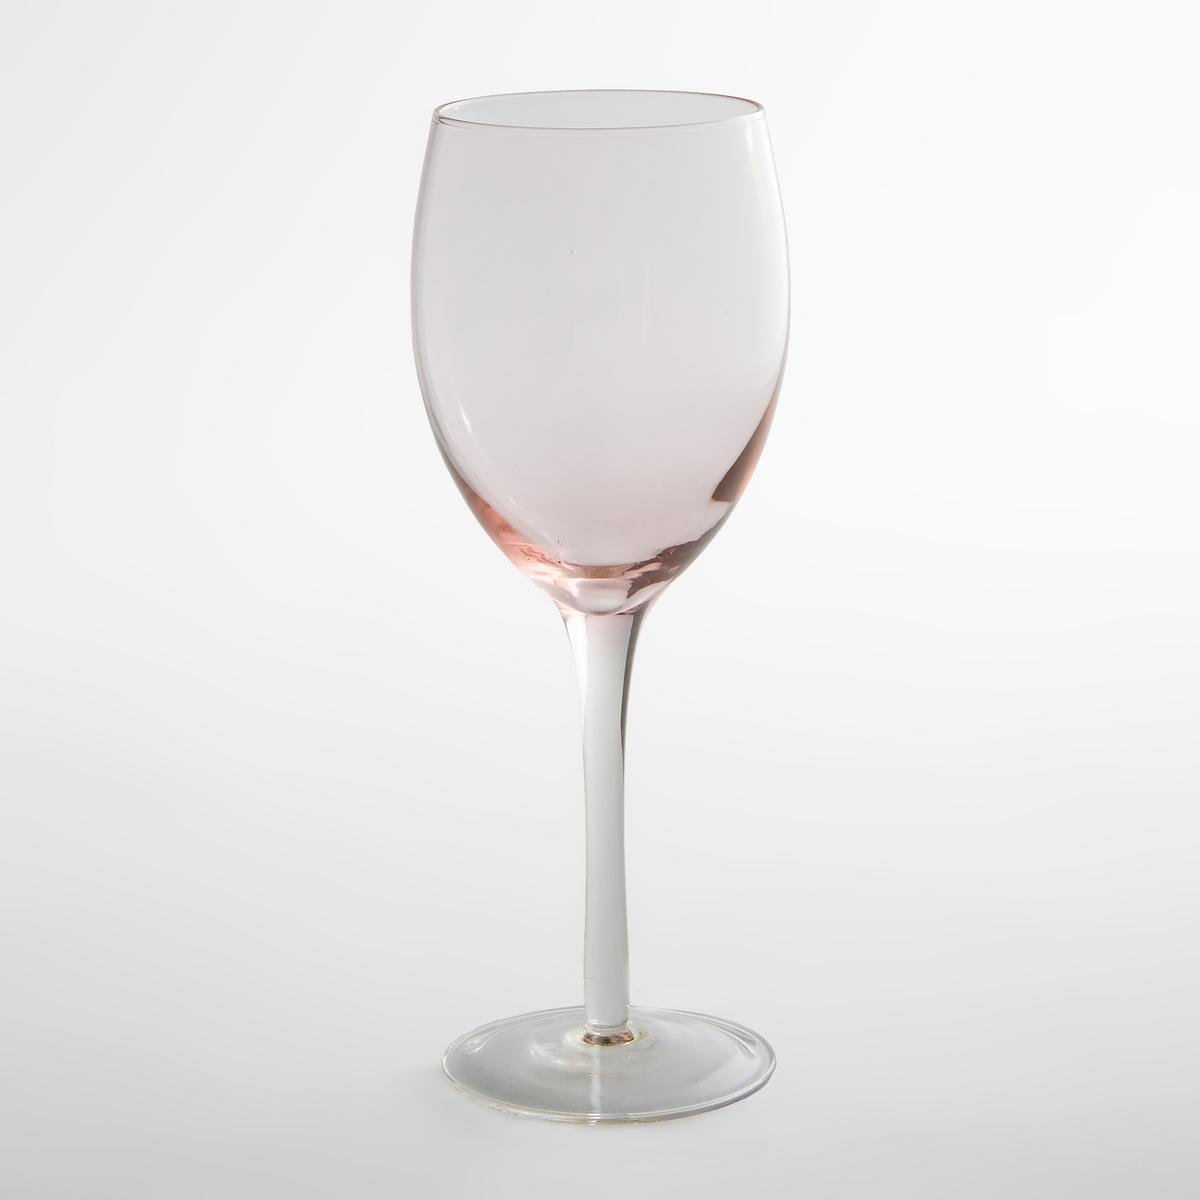 Комплект из 4 бокалов для водыХарактеристики 4 бокалов для воды  :- Прозрачные бокалы для воды с темно-розовым узором на дне- Диаметр : 7 см- Высота : 21,5 см - Подходят для мытья в посудомоечной машине- В комплекте 4 бокала<br><br>Цвет: дымчато-розовый<br>Размер: единый размер